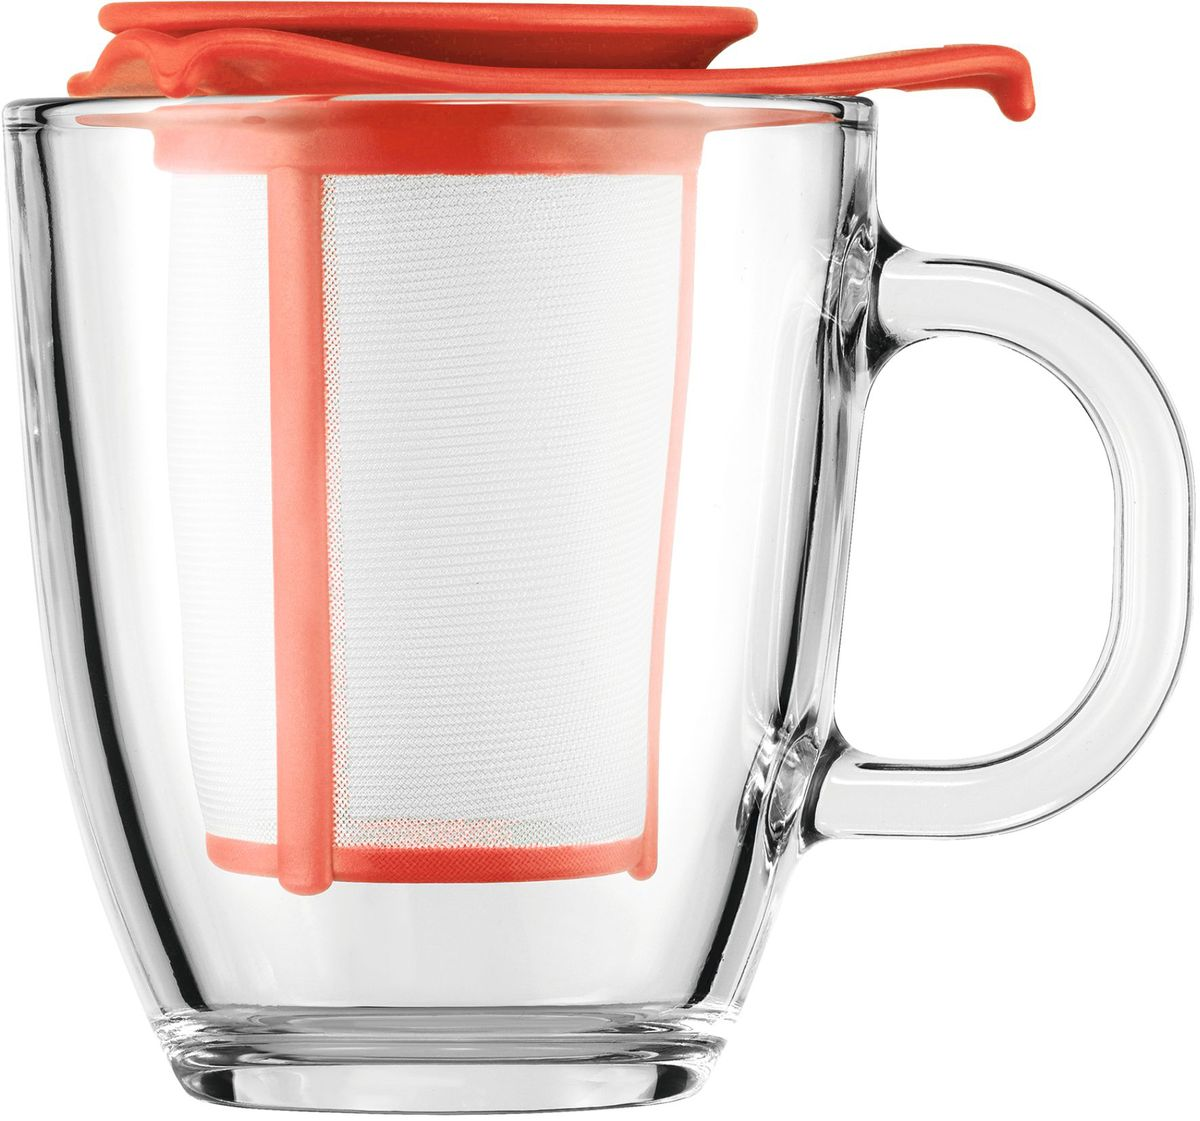 Набор кружек с фильтром Bodum YO-YO, цвет: красный. AK11239-137-Y16115510Набор кружек с фильтром Bodum YO-YO - это удобная возможность заварить ароматный вкусный чай любого сорта на одну персону. Объемная кружка Yo-Yo имеет фильтр, в который засыпается чай. Как и в заварочный чайник, наливаем в кружку кипяток и плотно накрываем ее крышкой. Через прозрачное боросиликатное стекло можно наблюдать, как красиво заваривается чай. Когда процесс приготовления окончен, фильтр можно поставить на крышку и наслаждаться любимым напитком.